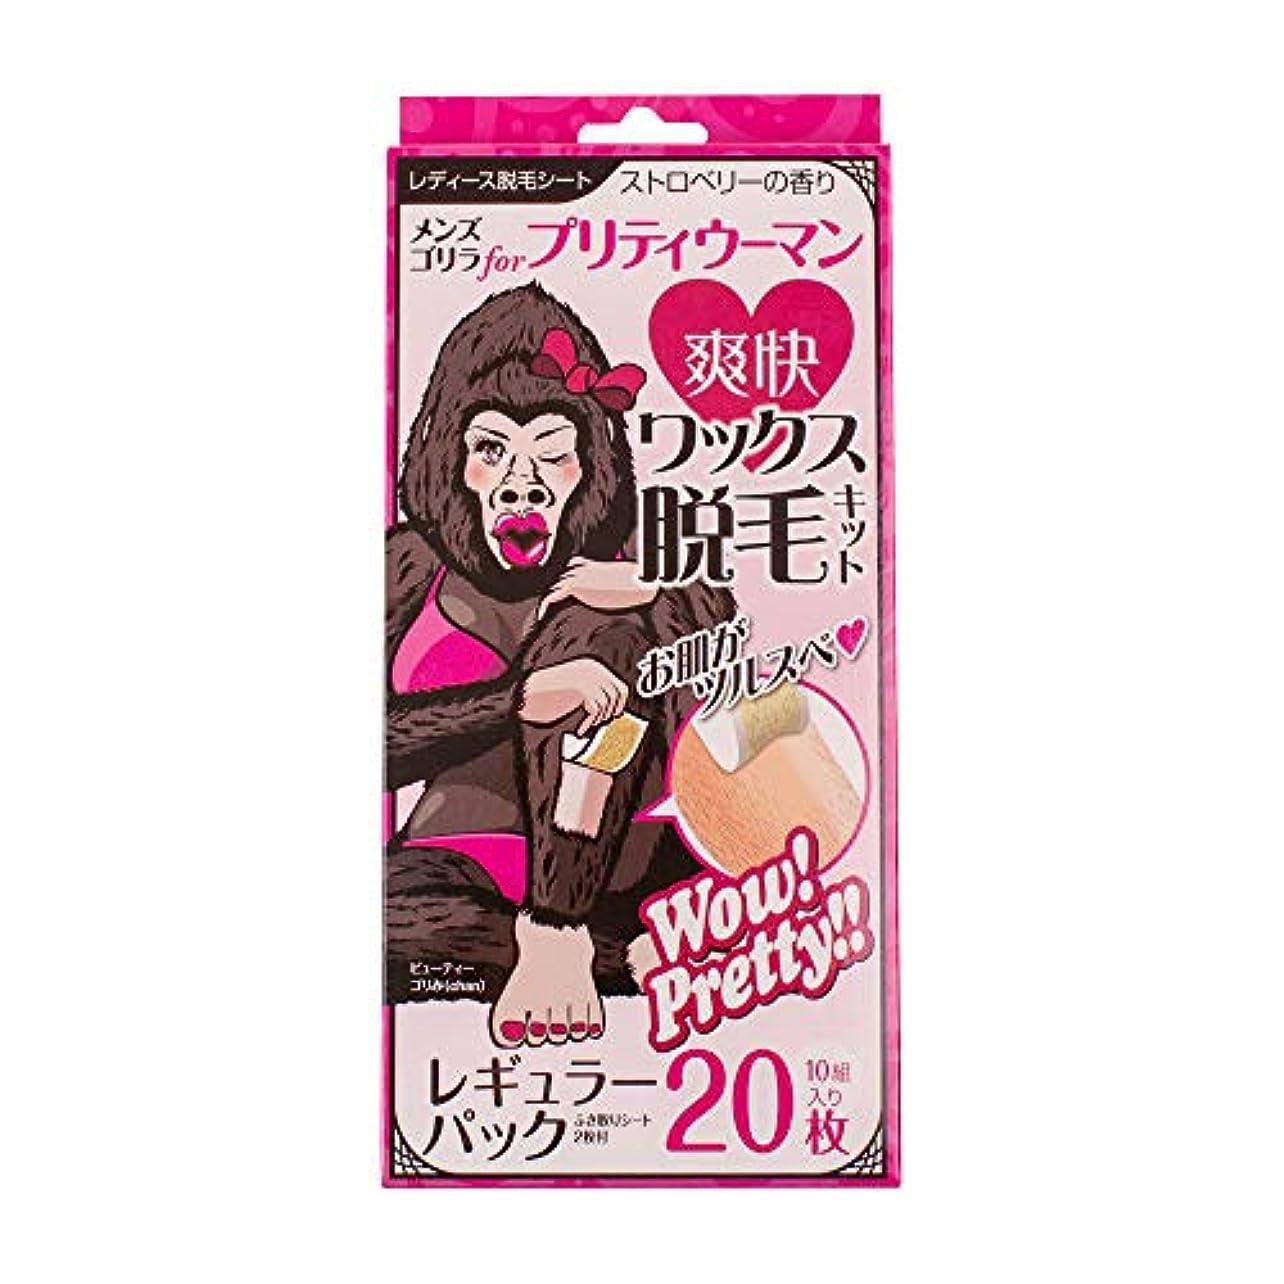 残高効果定常メンズゴリラ for pretty womenゴリみ ワックス脱毛シート レギュラーパック10組20枚入り